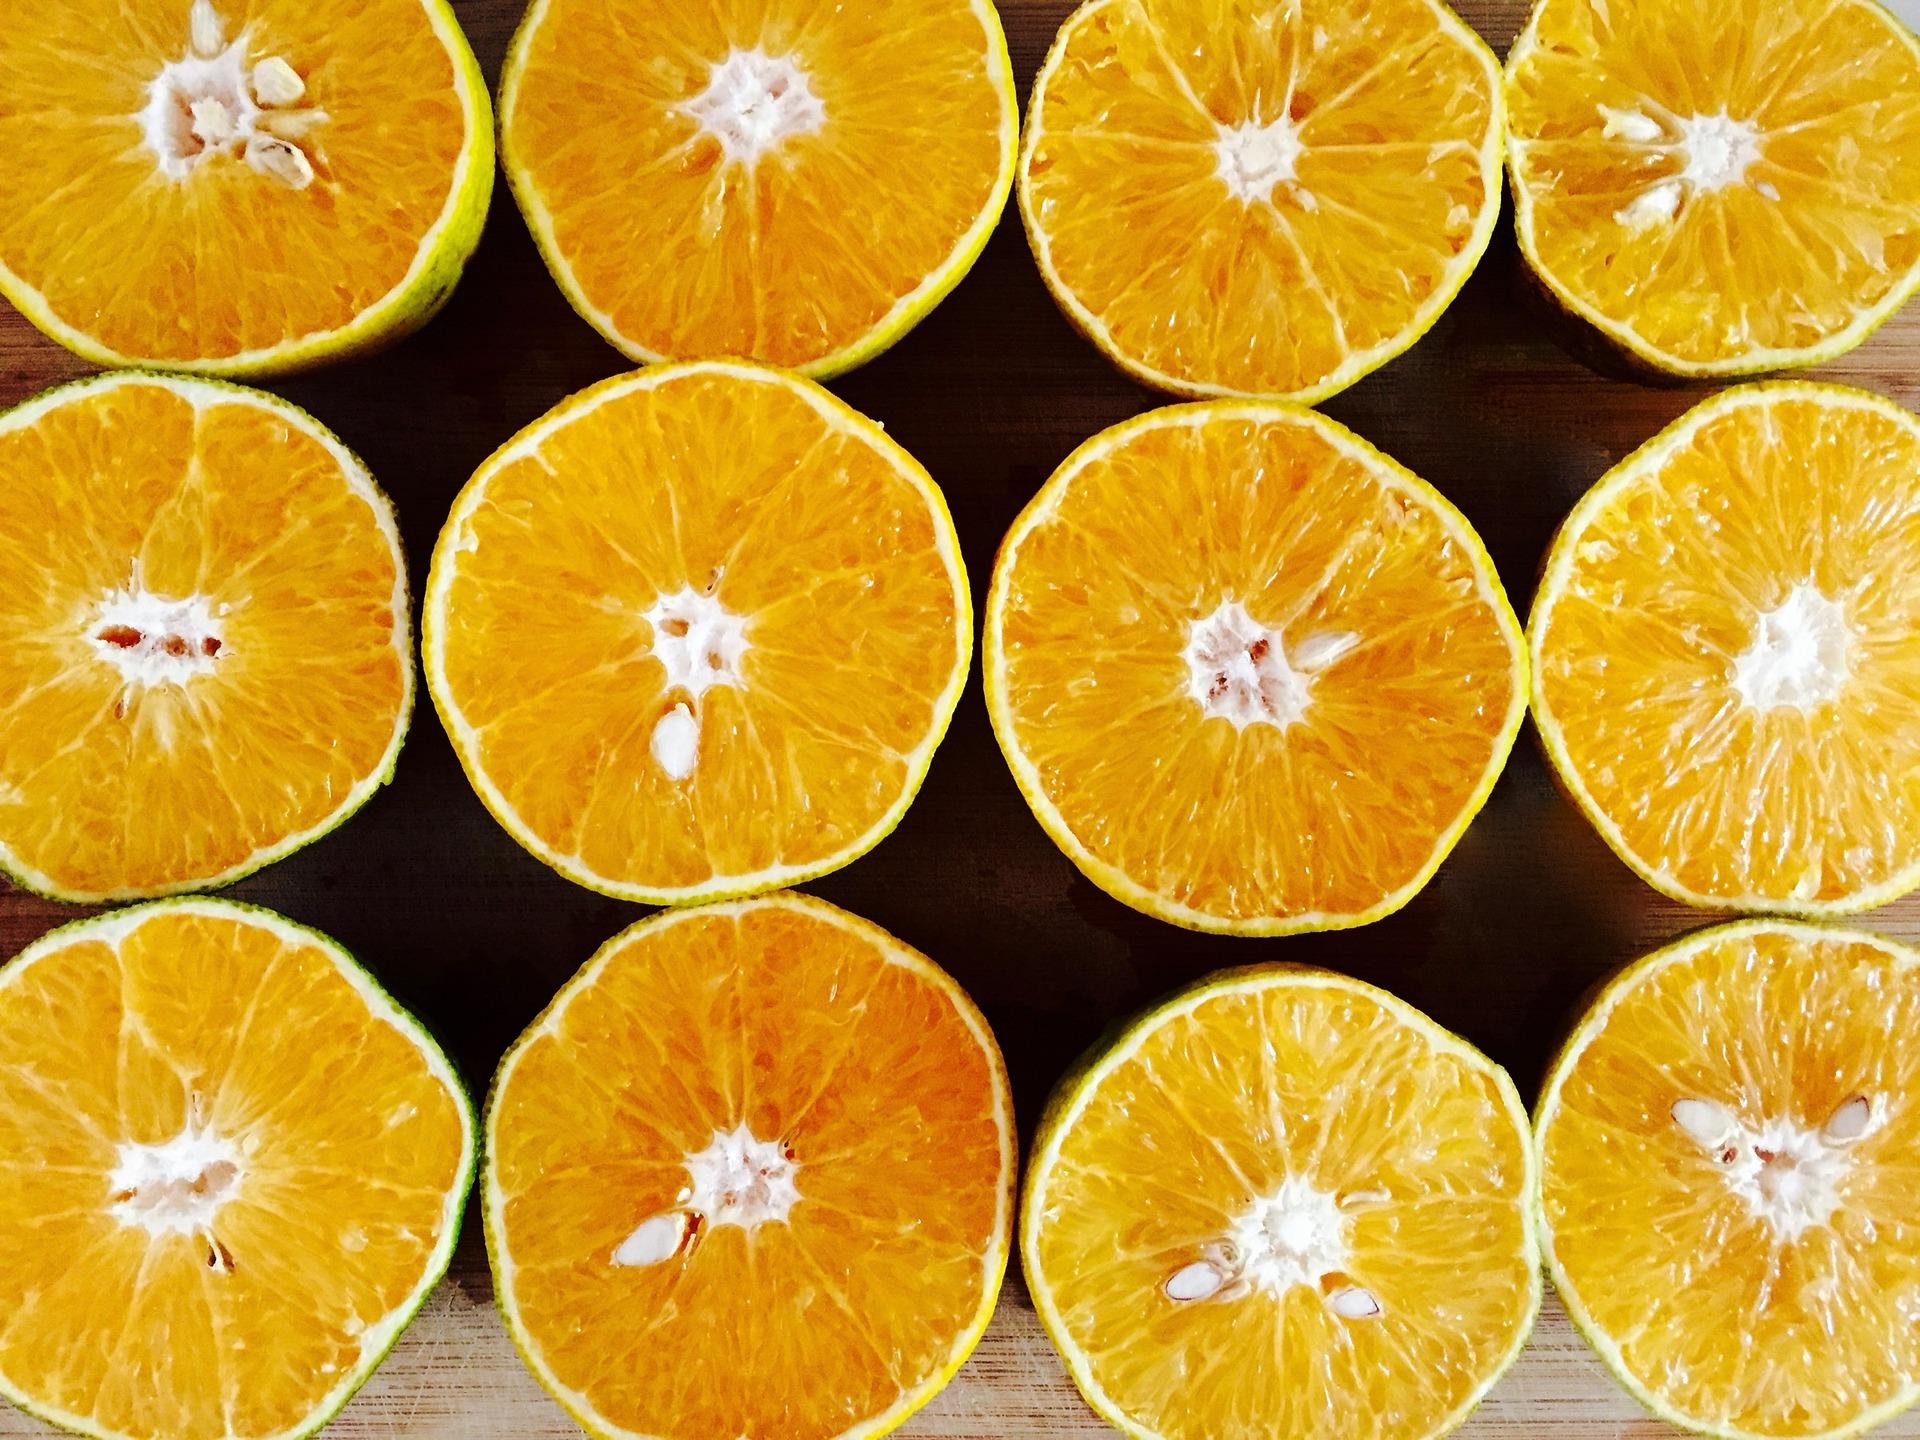 oranges-2087113_1920